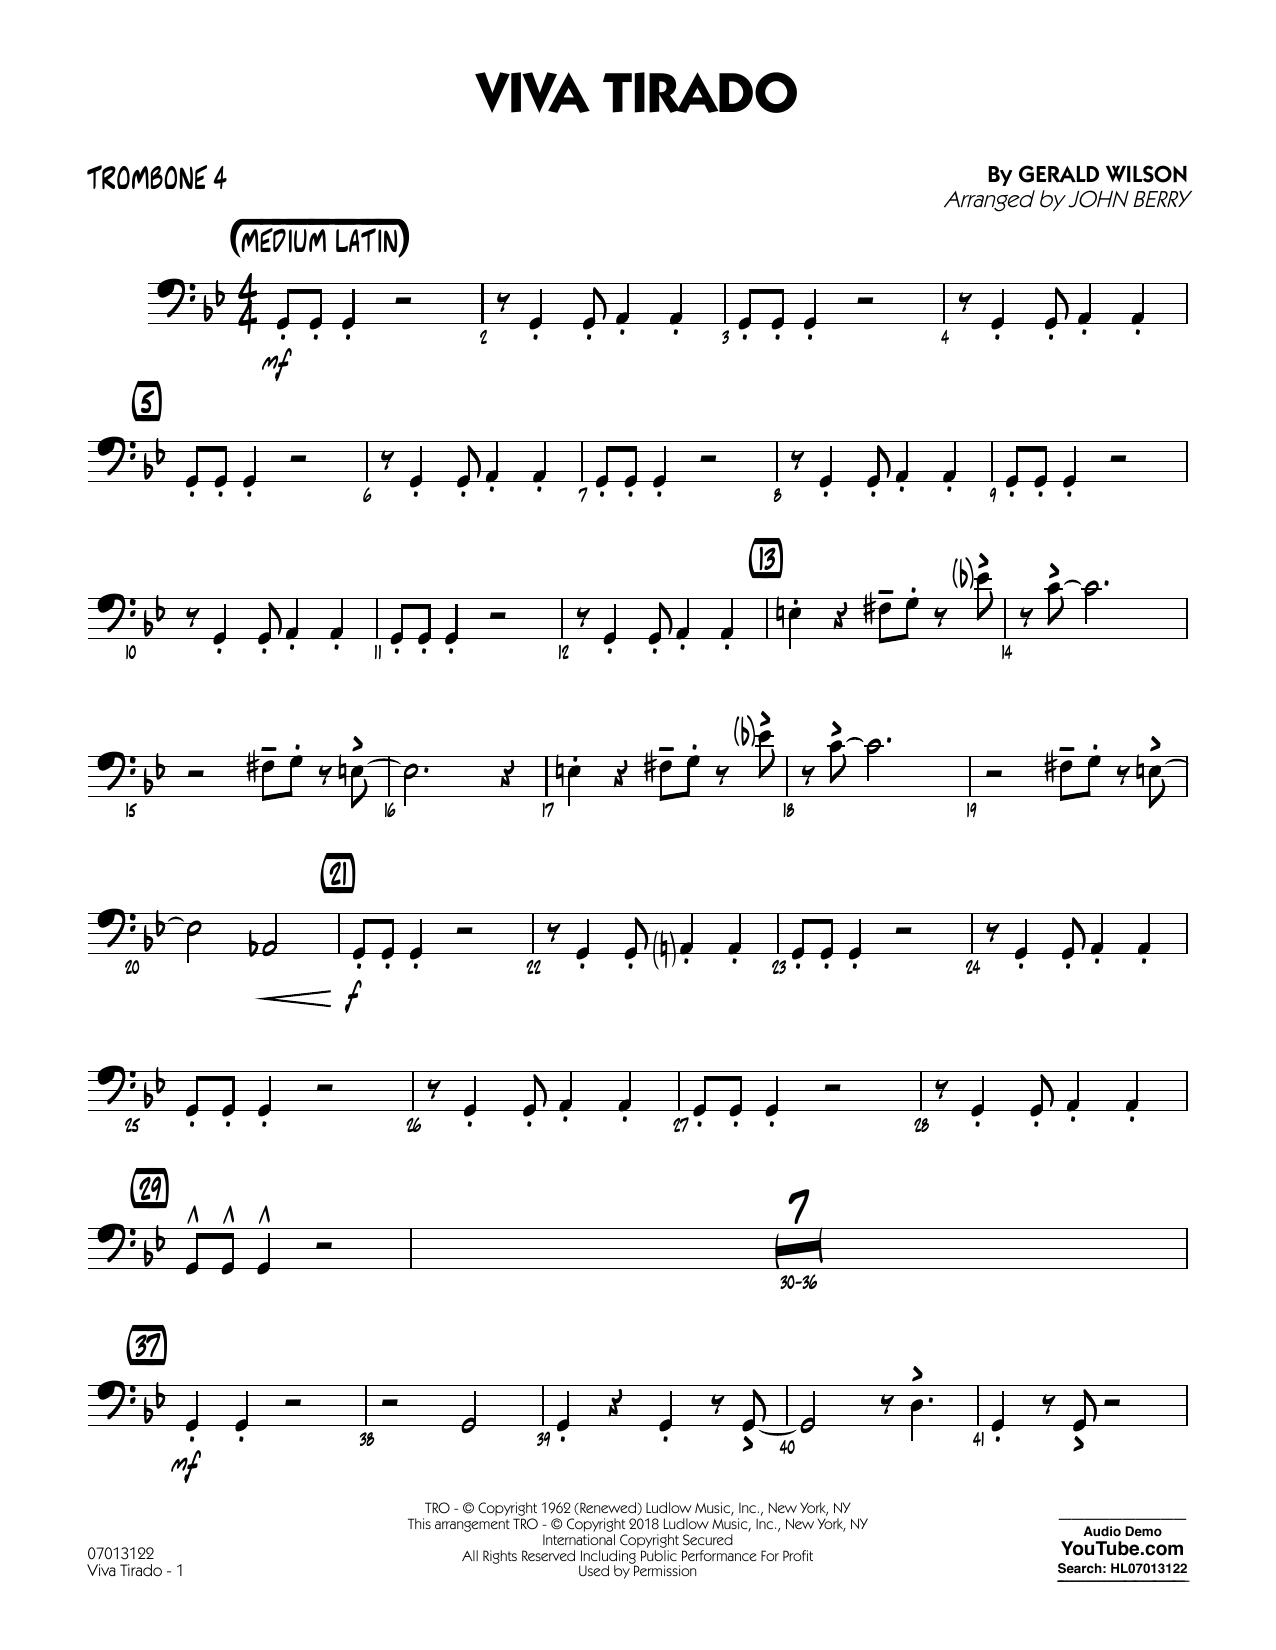 John Berry Viva Tirado - Trombone 4 sheet music notes printable PDF score